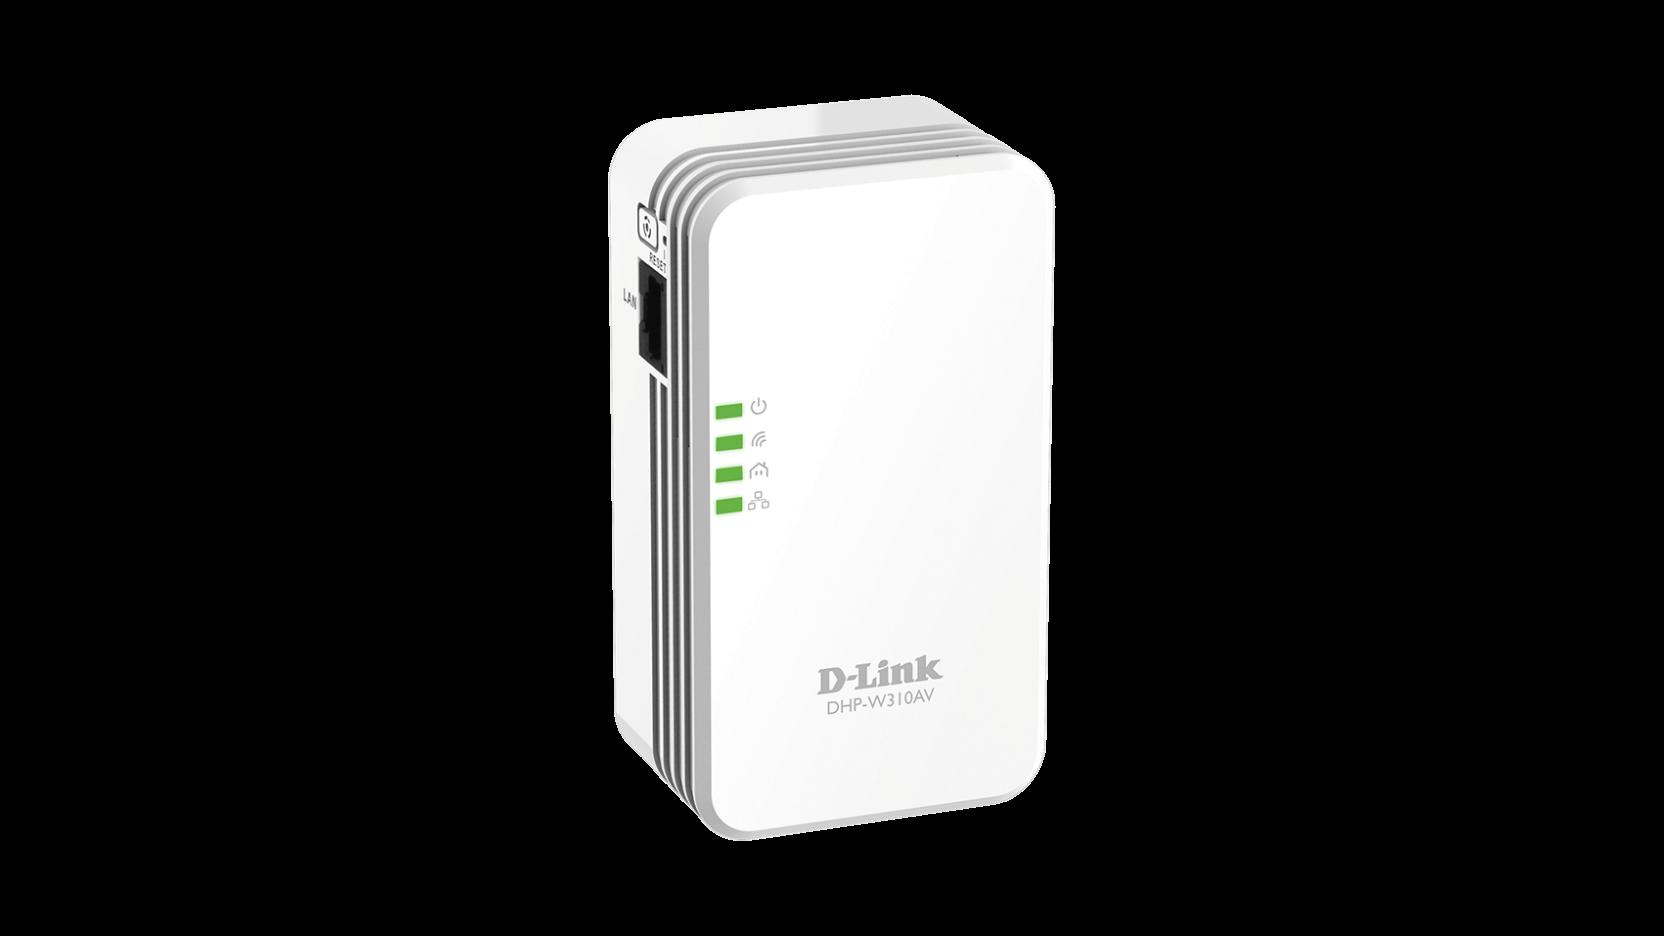 D-Link DHP-310AV Mini Adapter Driver for Windows Download